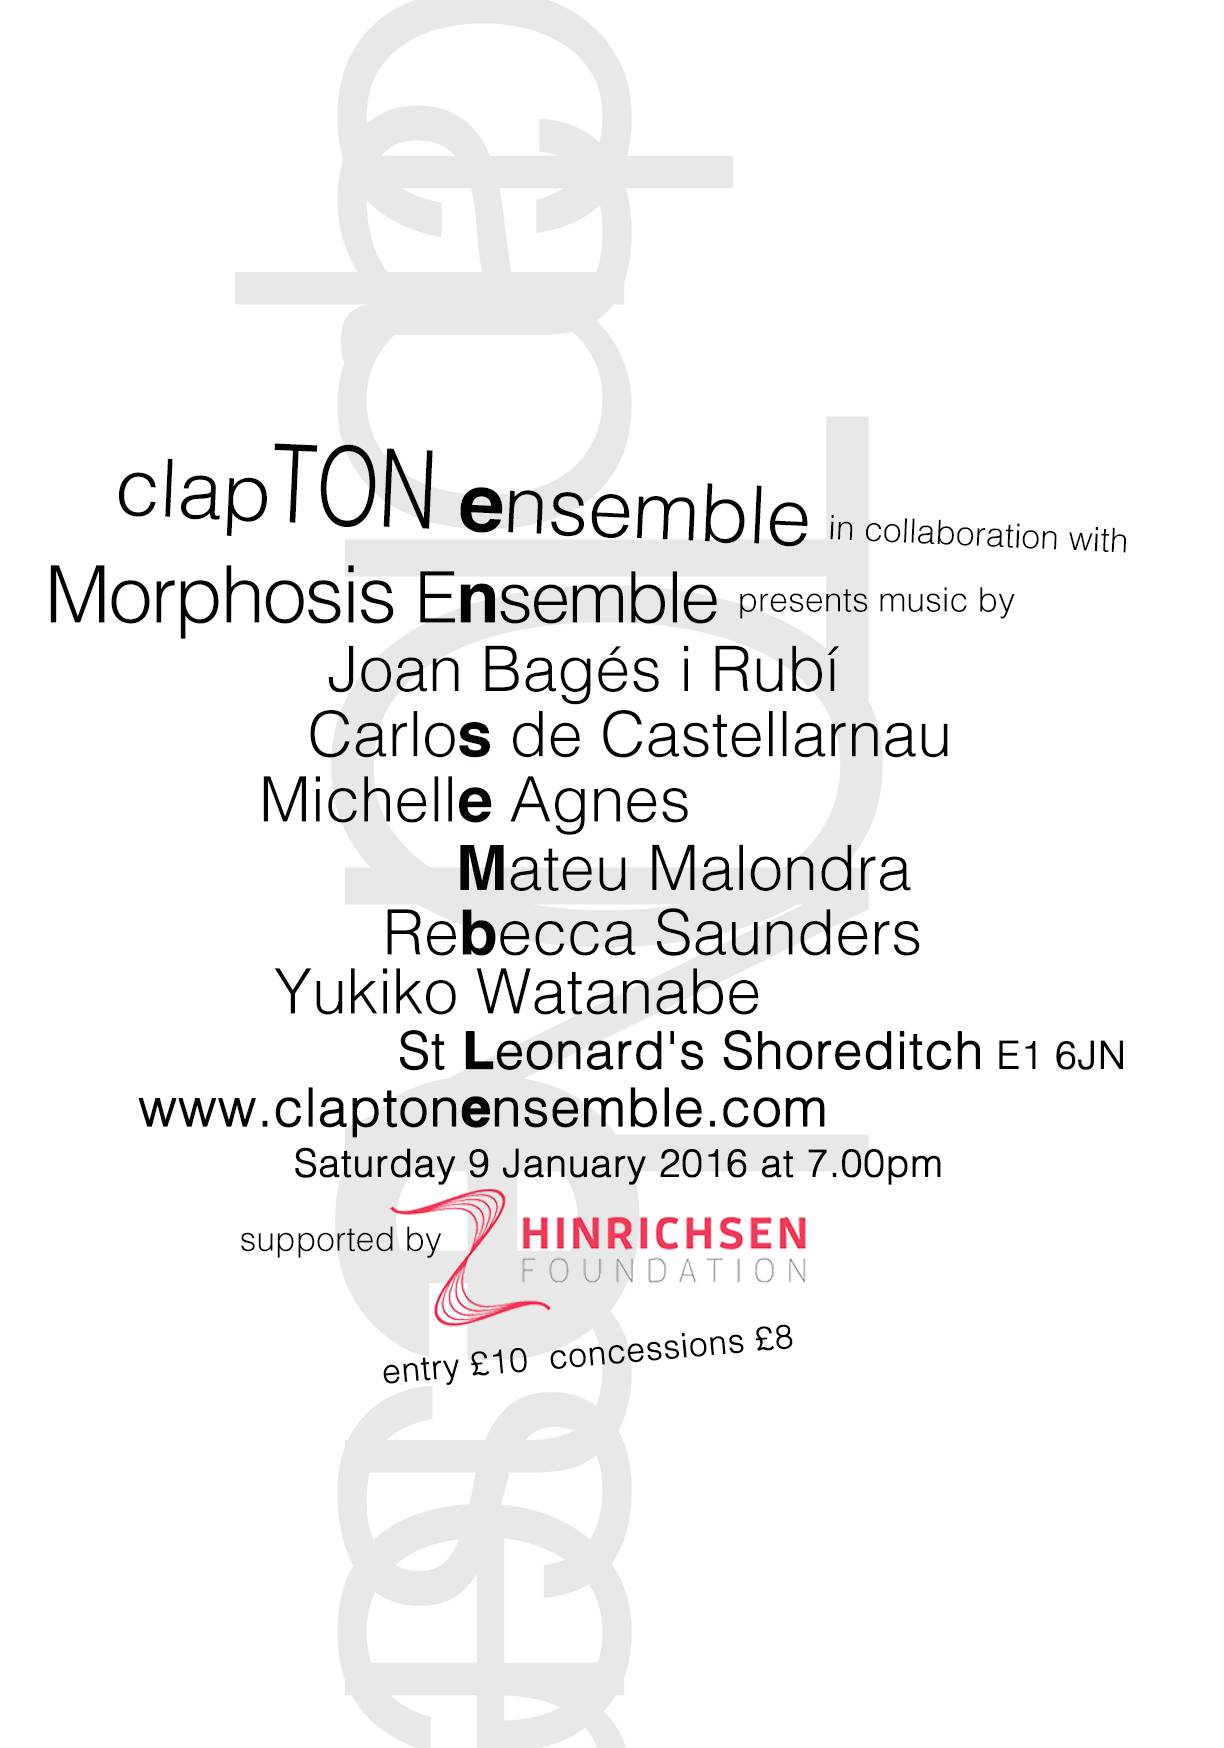 ClapTON Ensemble